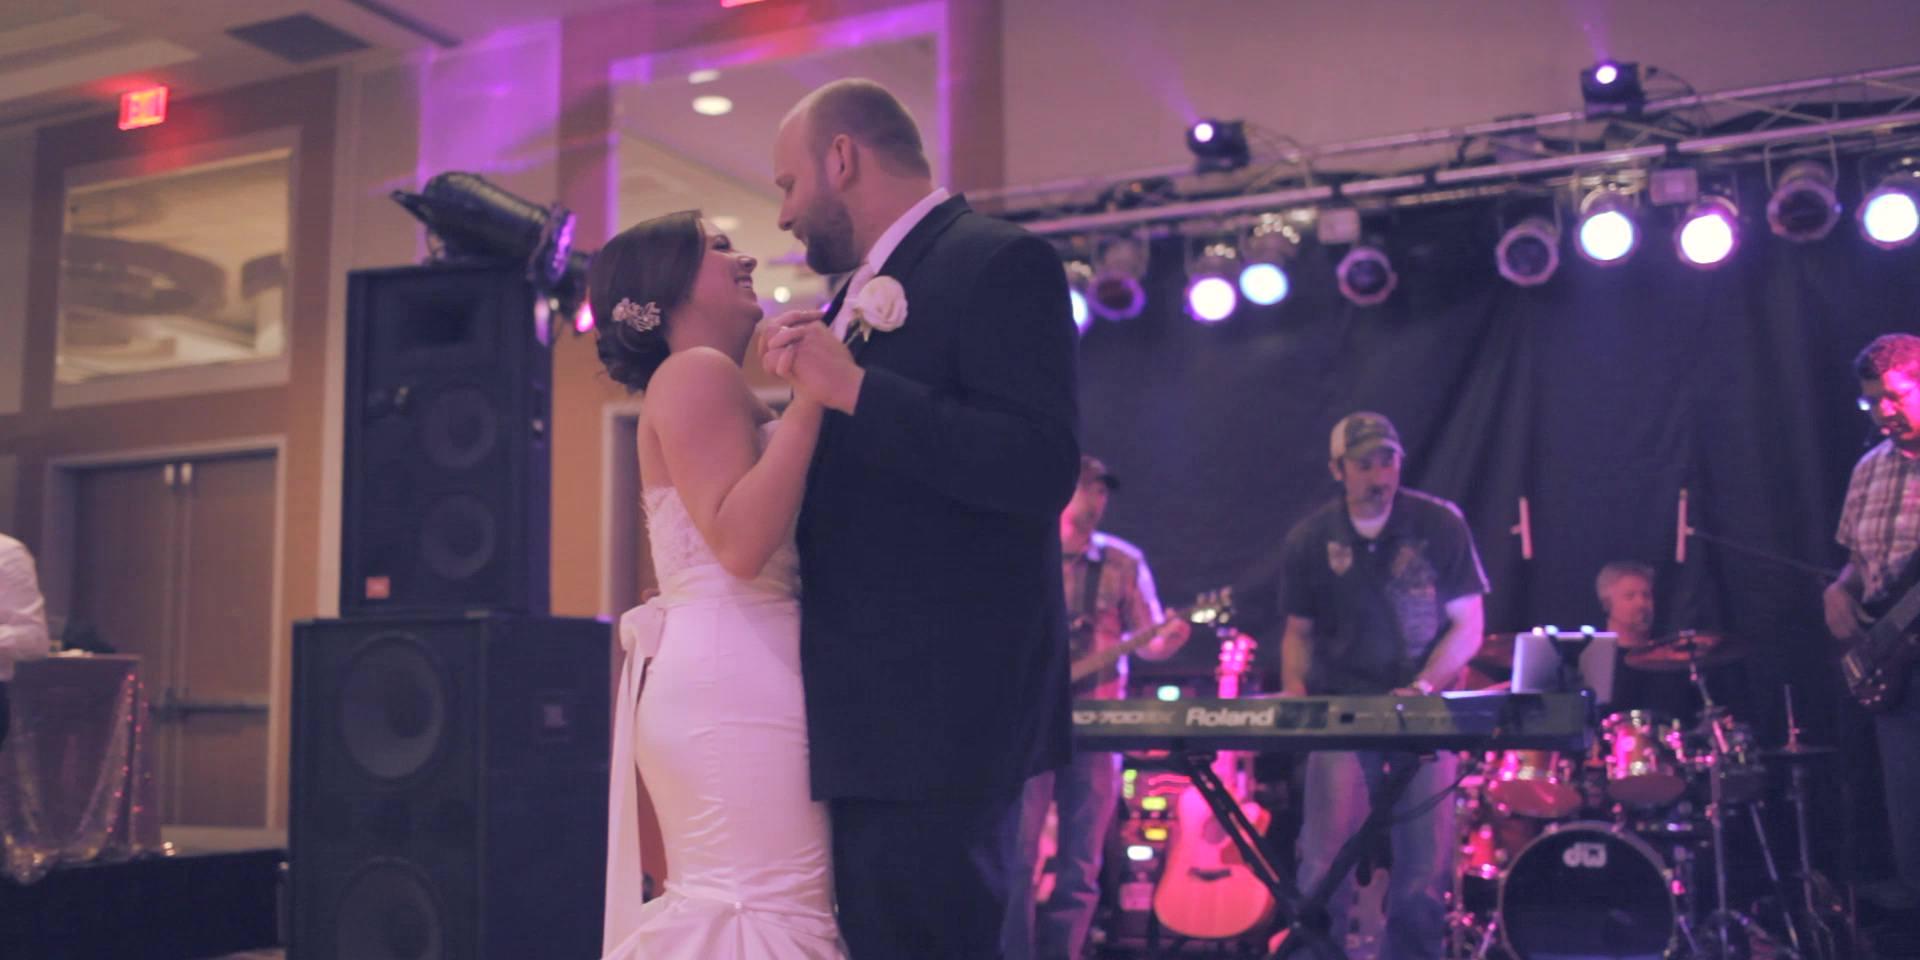 matt&anna wedding story.mp4-still00020.jpg